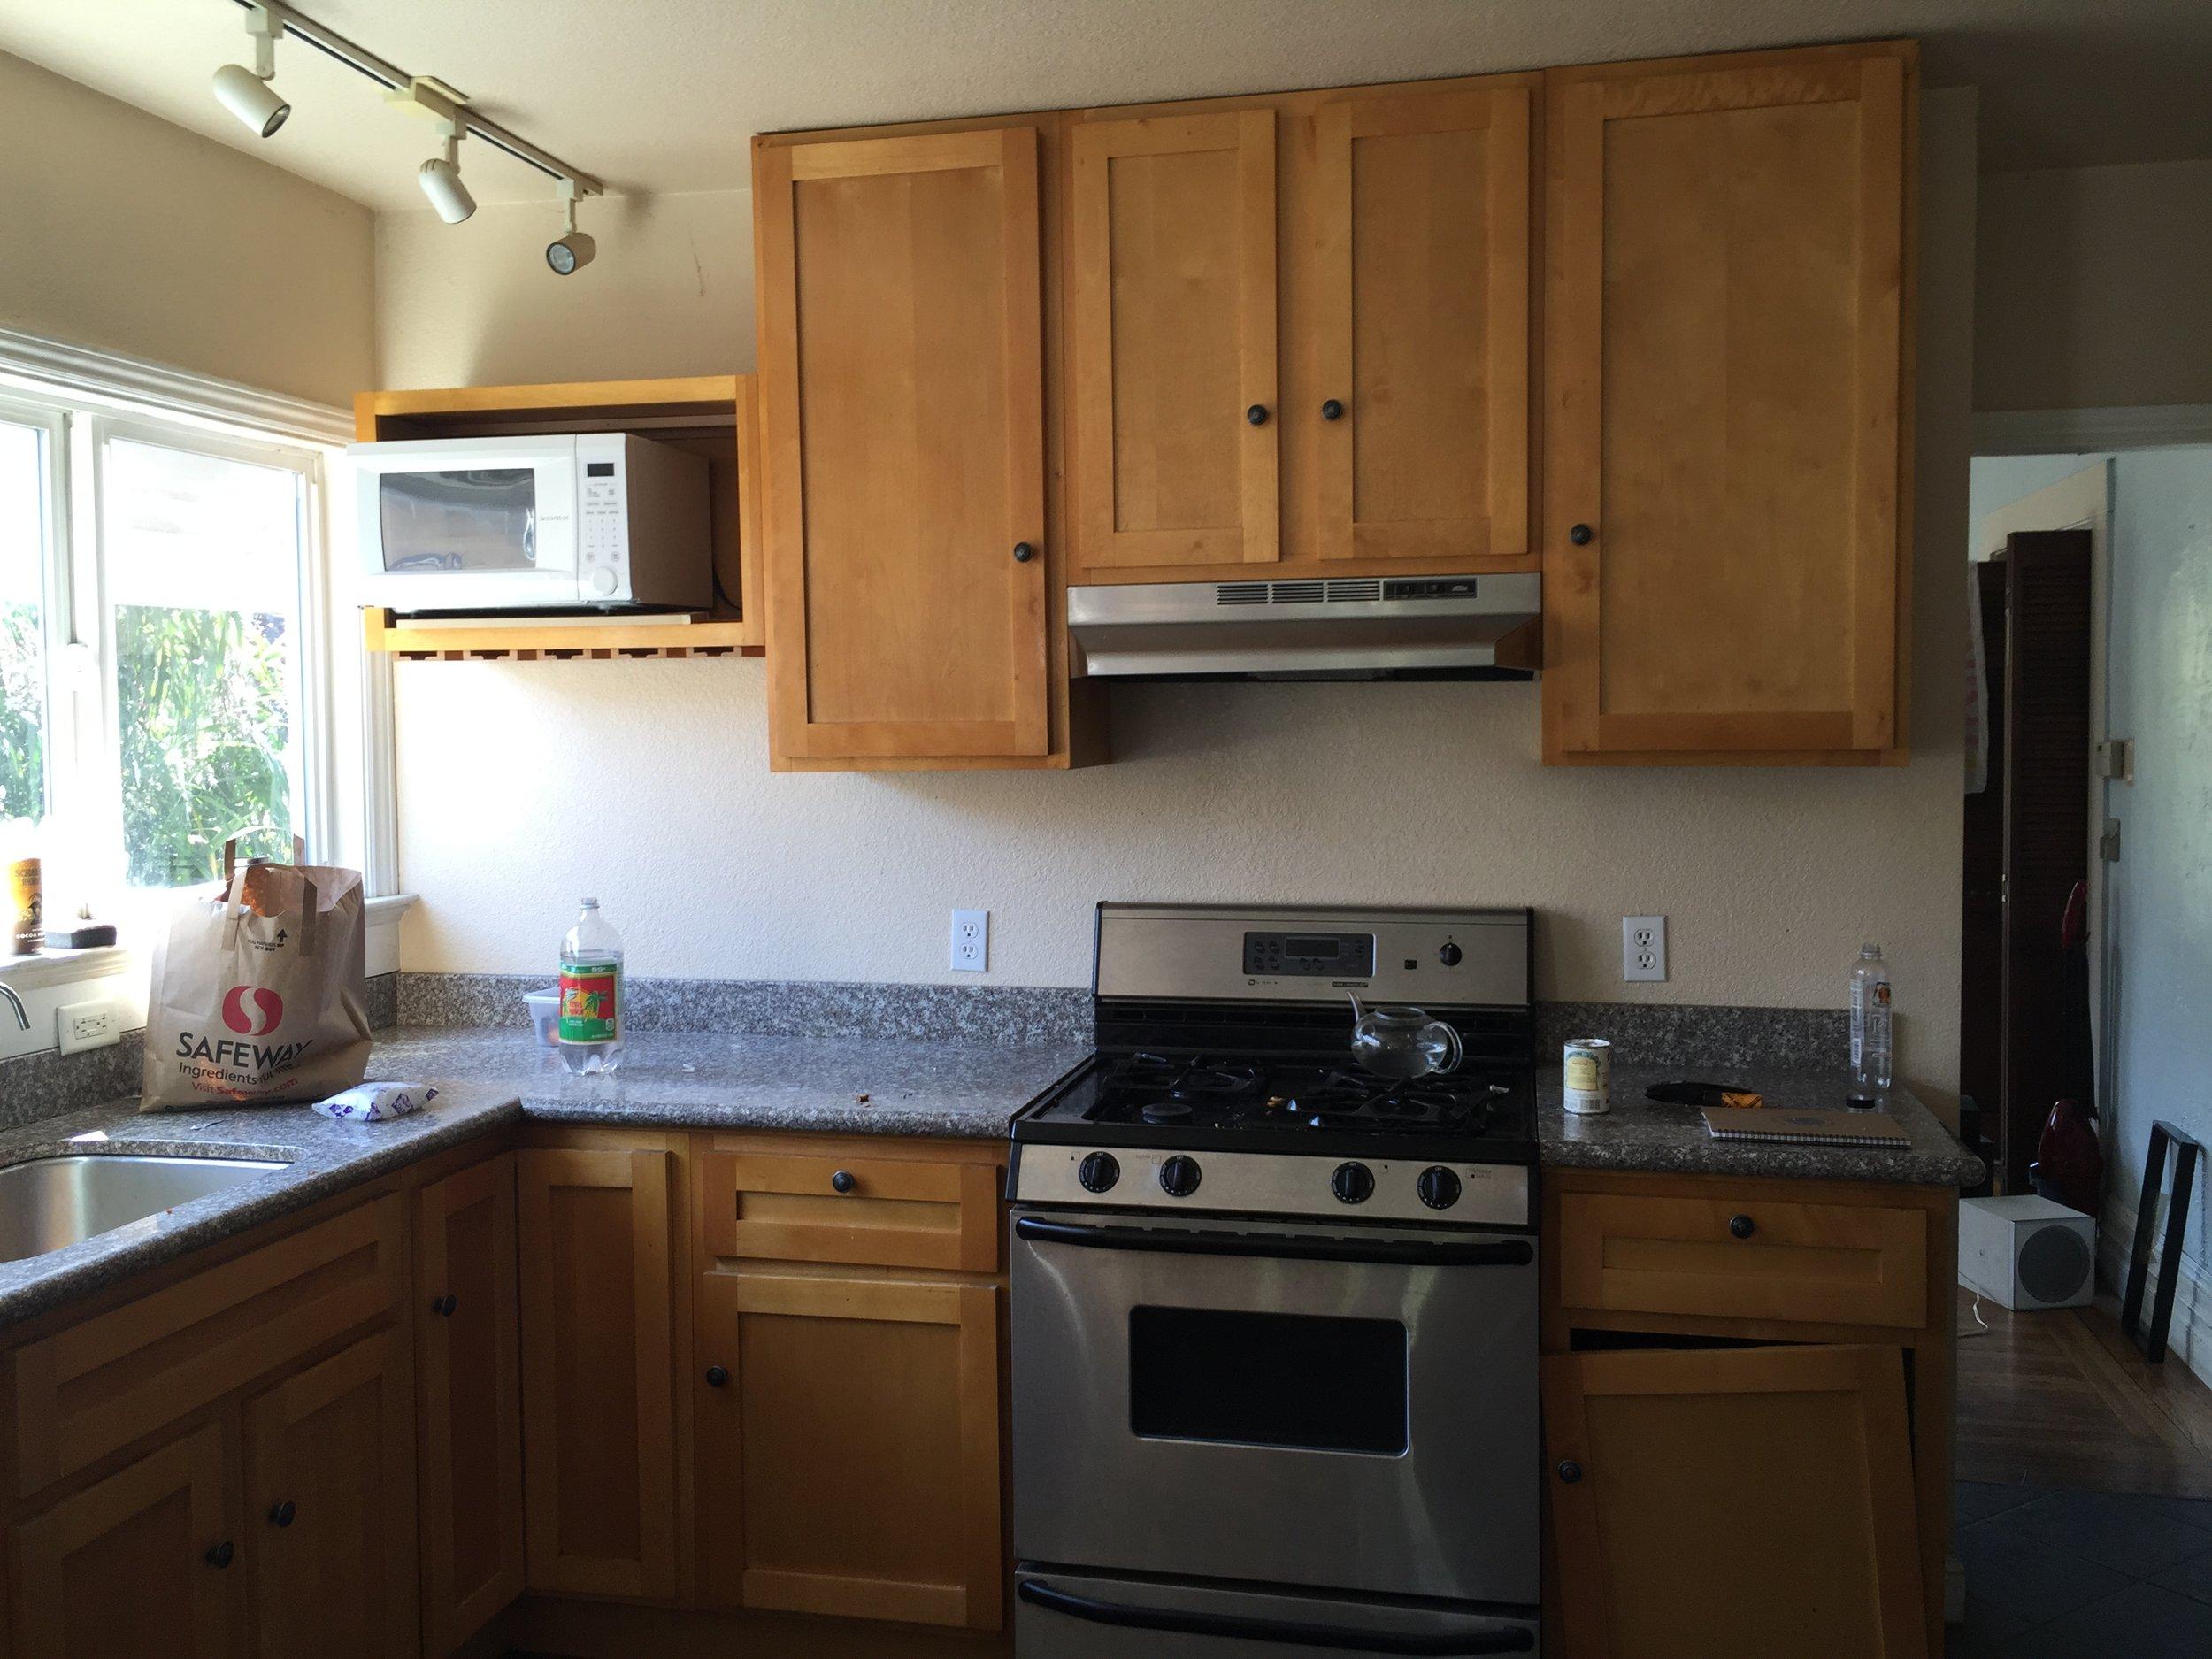 Kitchen2-Before.JPG